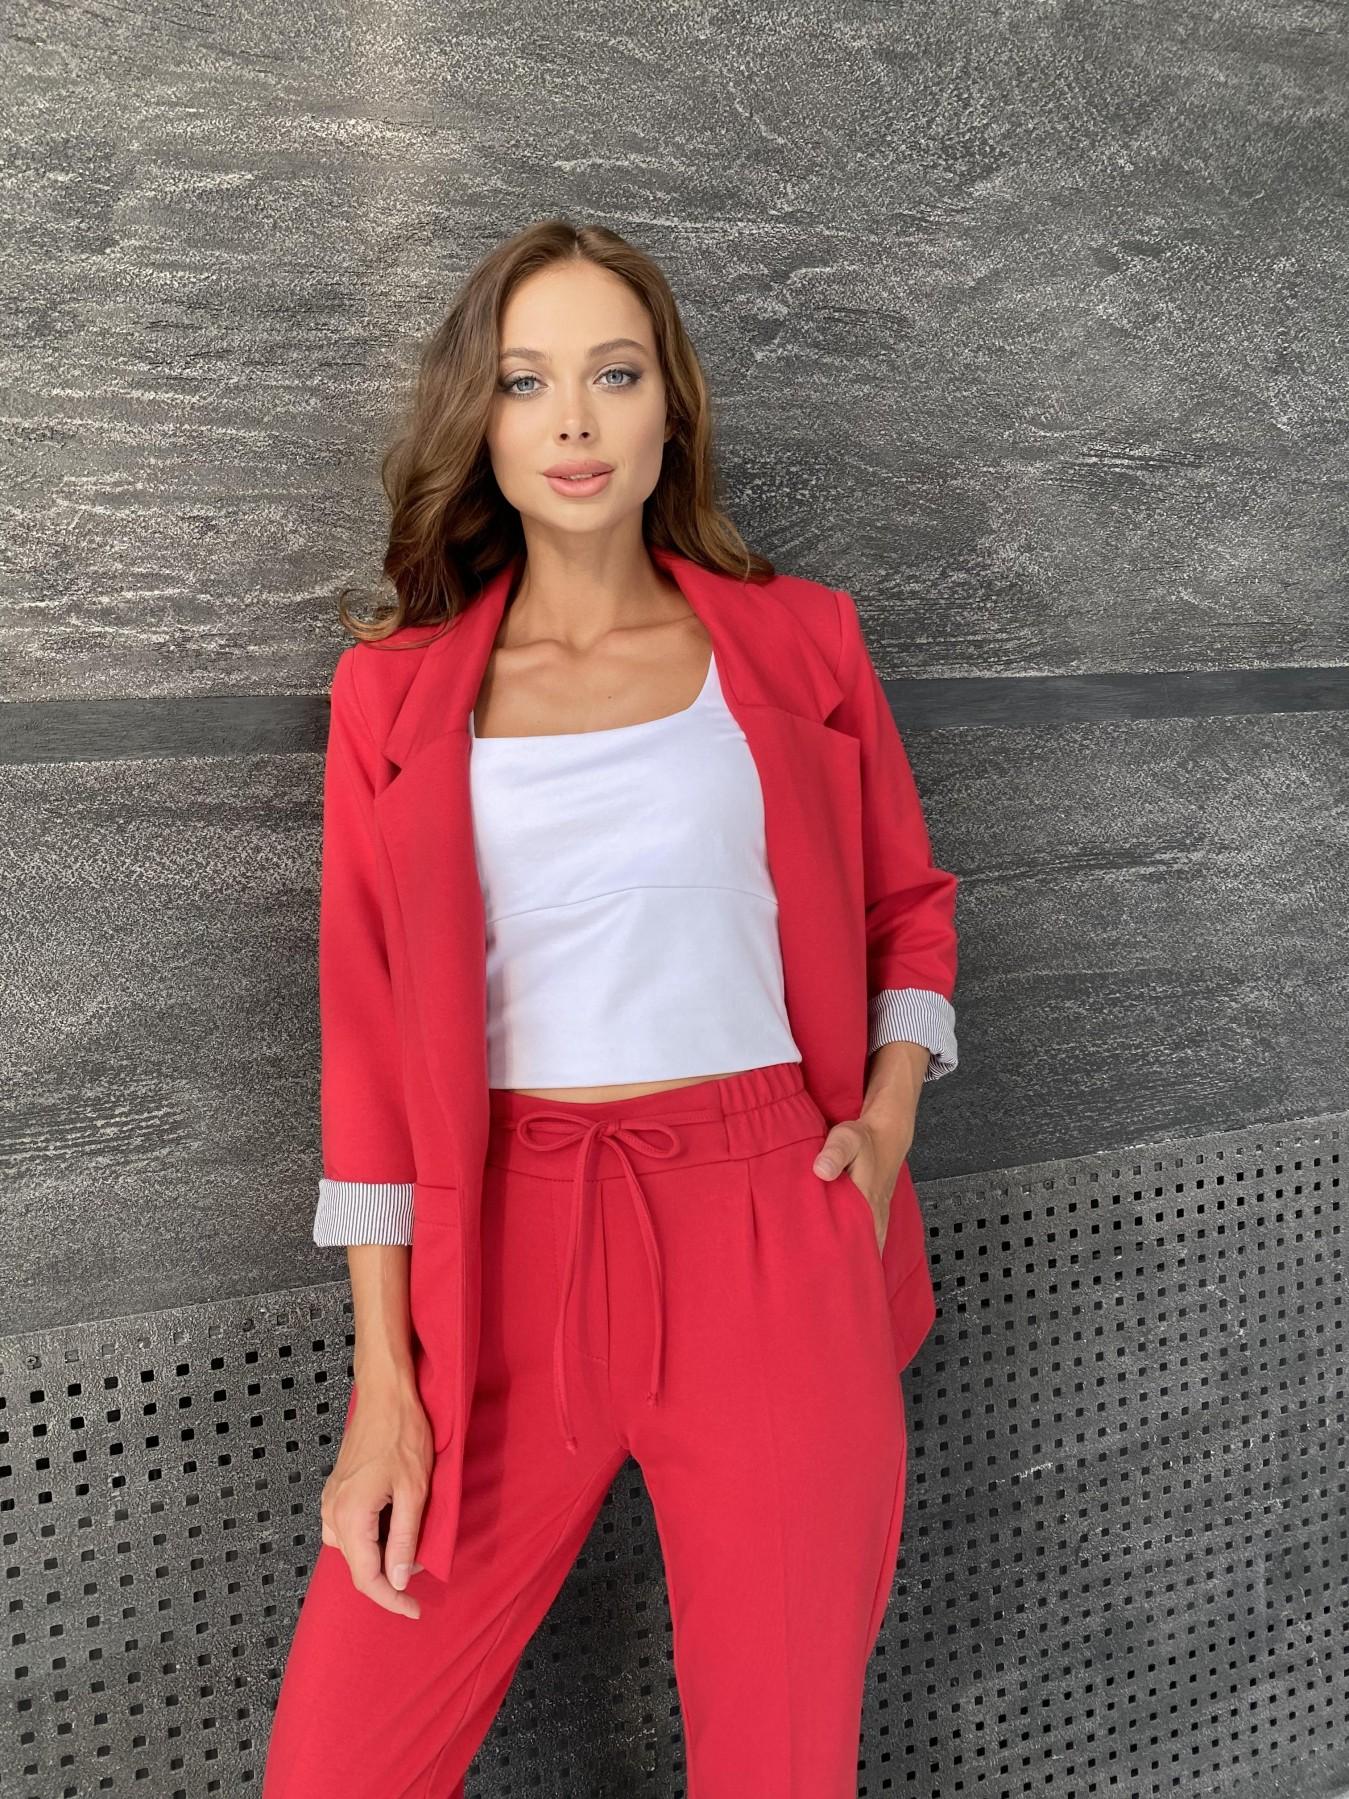 Империал костюм из  трикотажа двунитки 11572 АРТ. 48368 Цвет: Красный - фото 2, интернет магазин tm-modus.ru